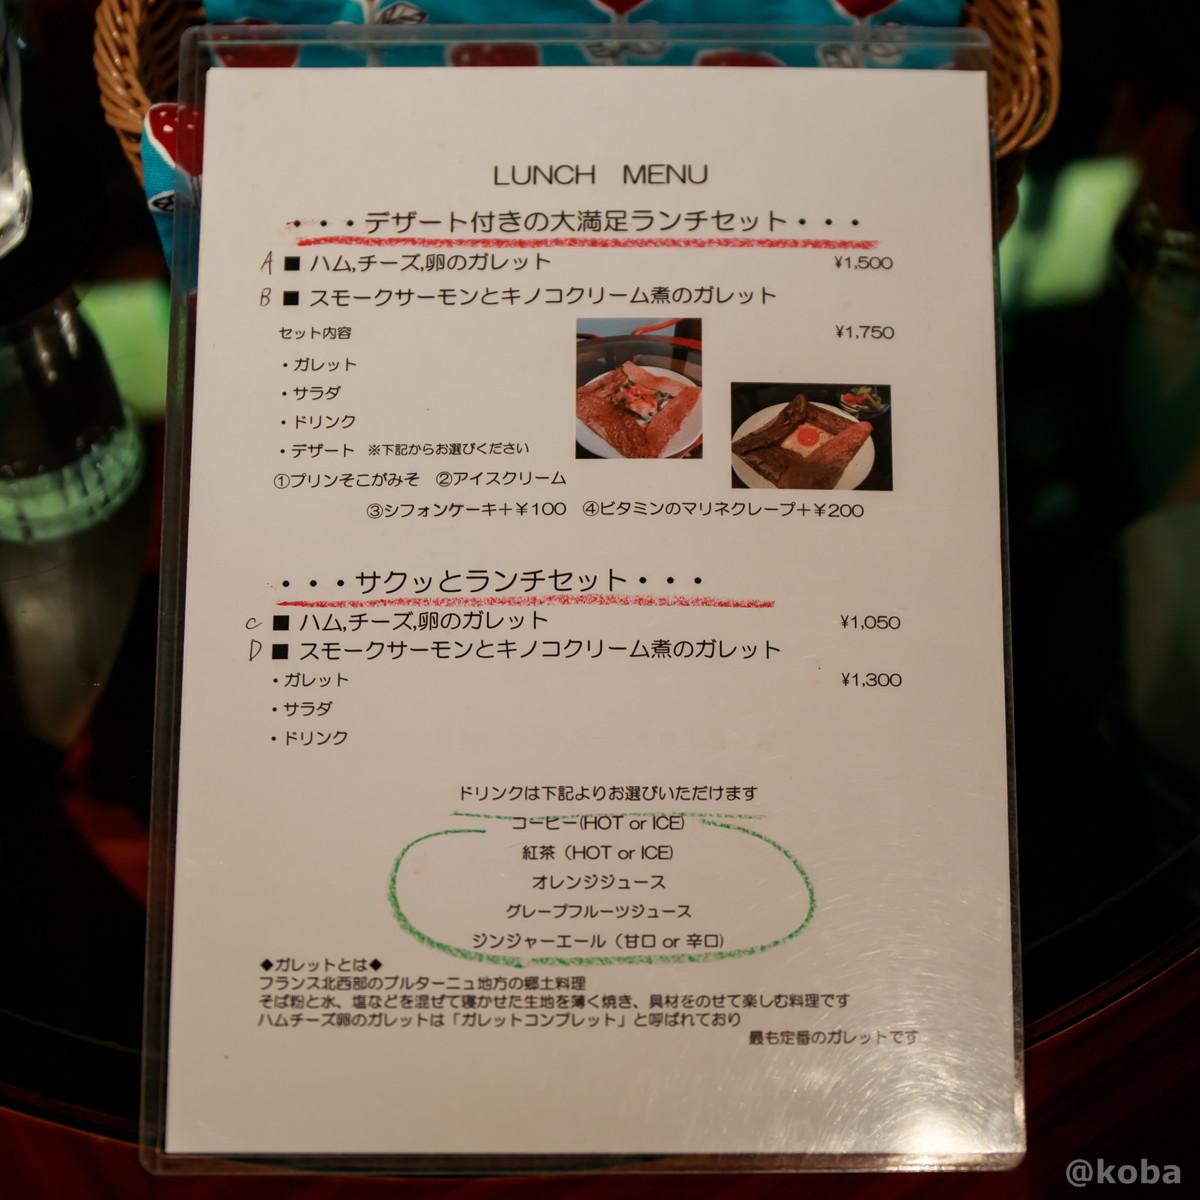 ランチメニューの写真│カフェ・ドローム(CAFE・DROME)│群馬県富岡市